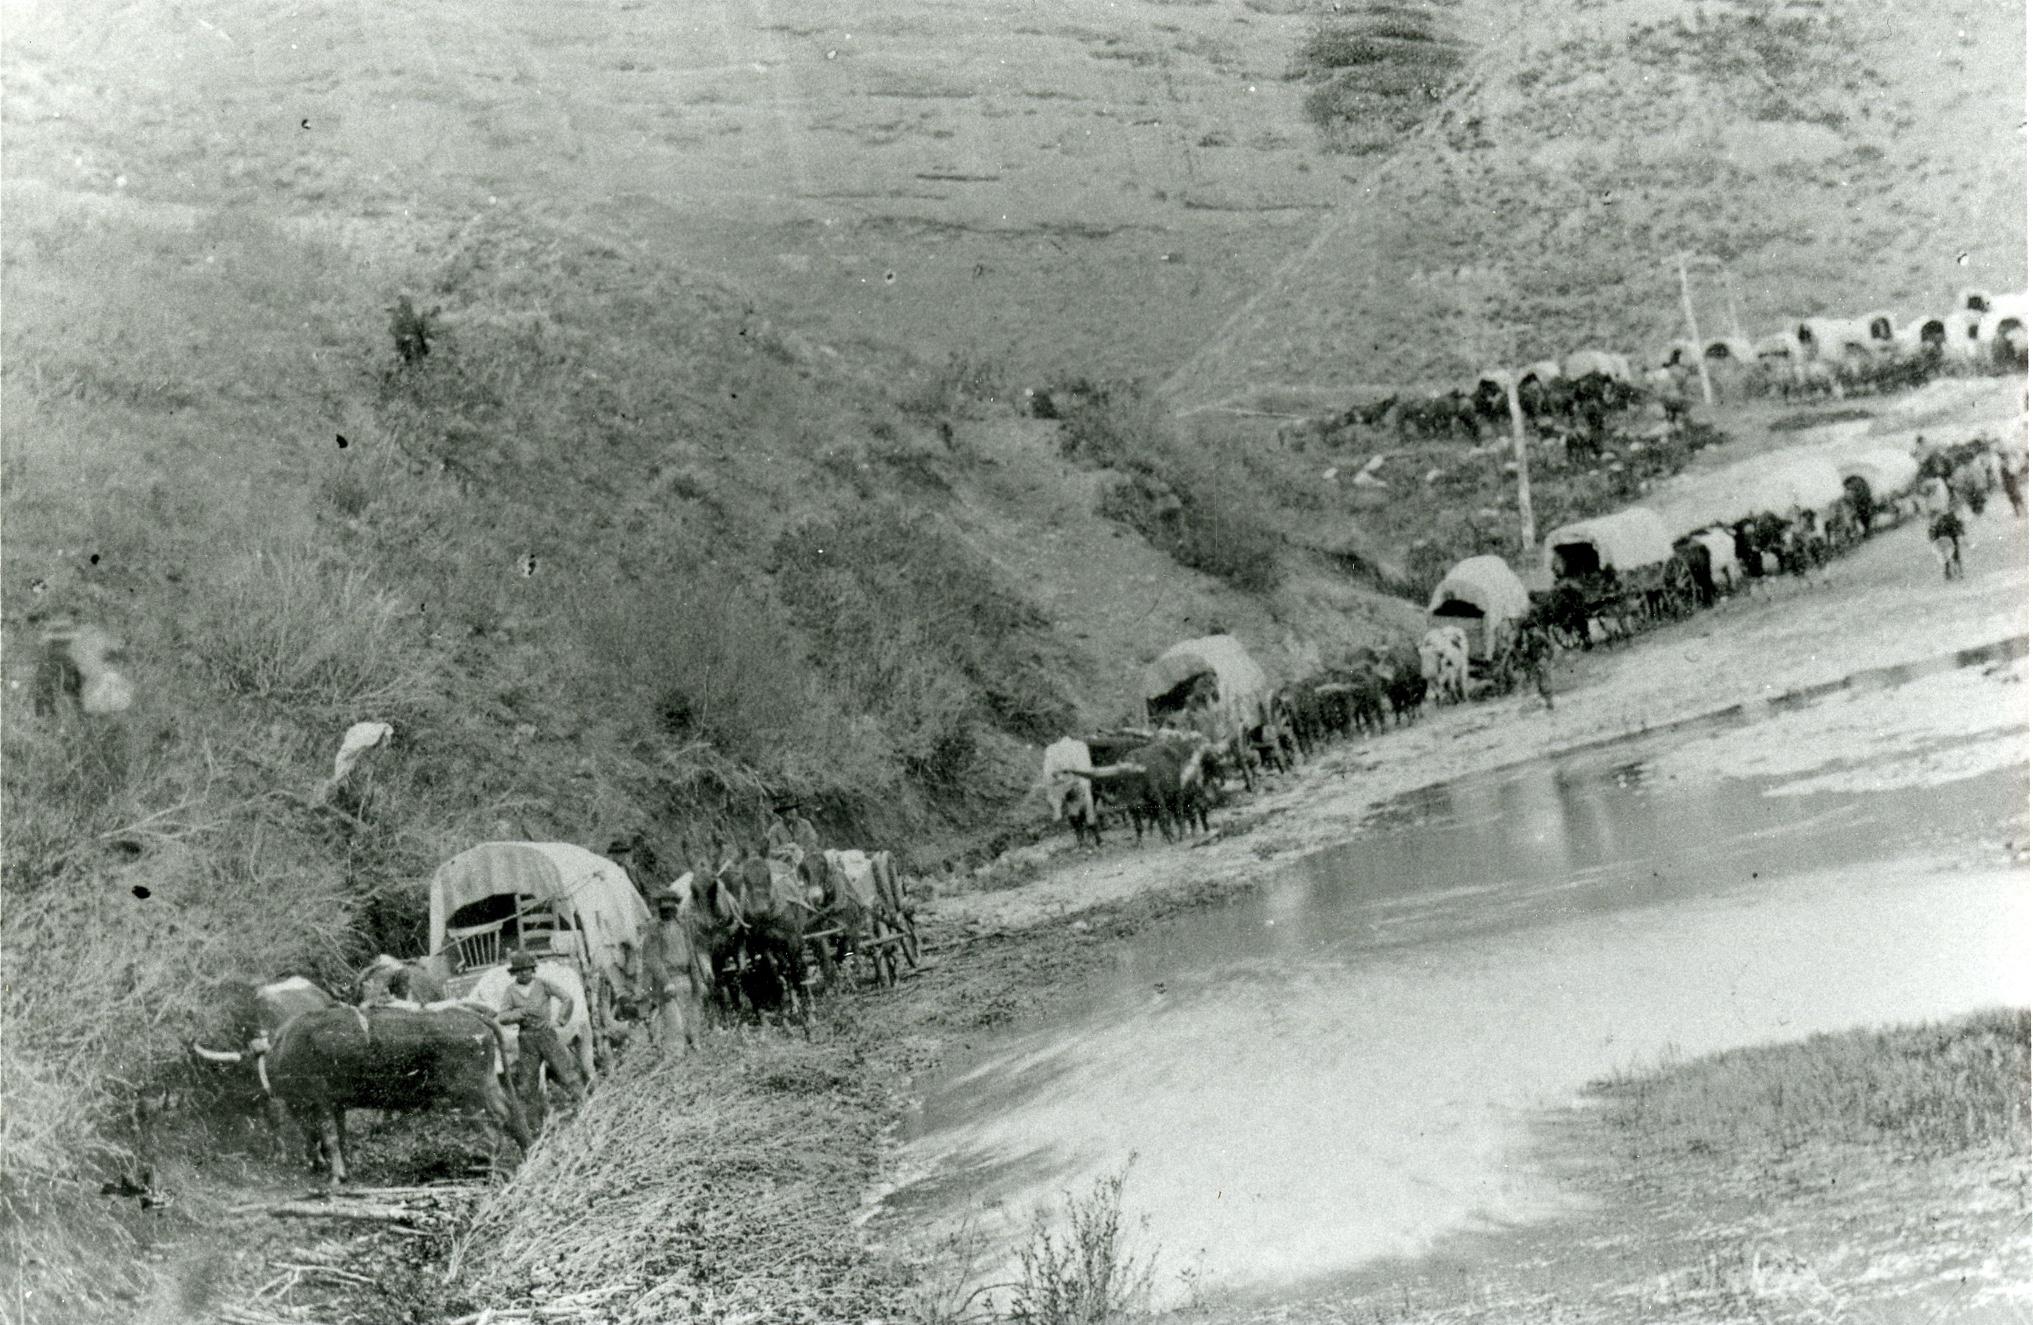 Los pioneros caminan por el desierto con carros cubiertos y carretillas de mano.